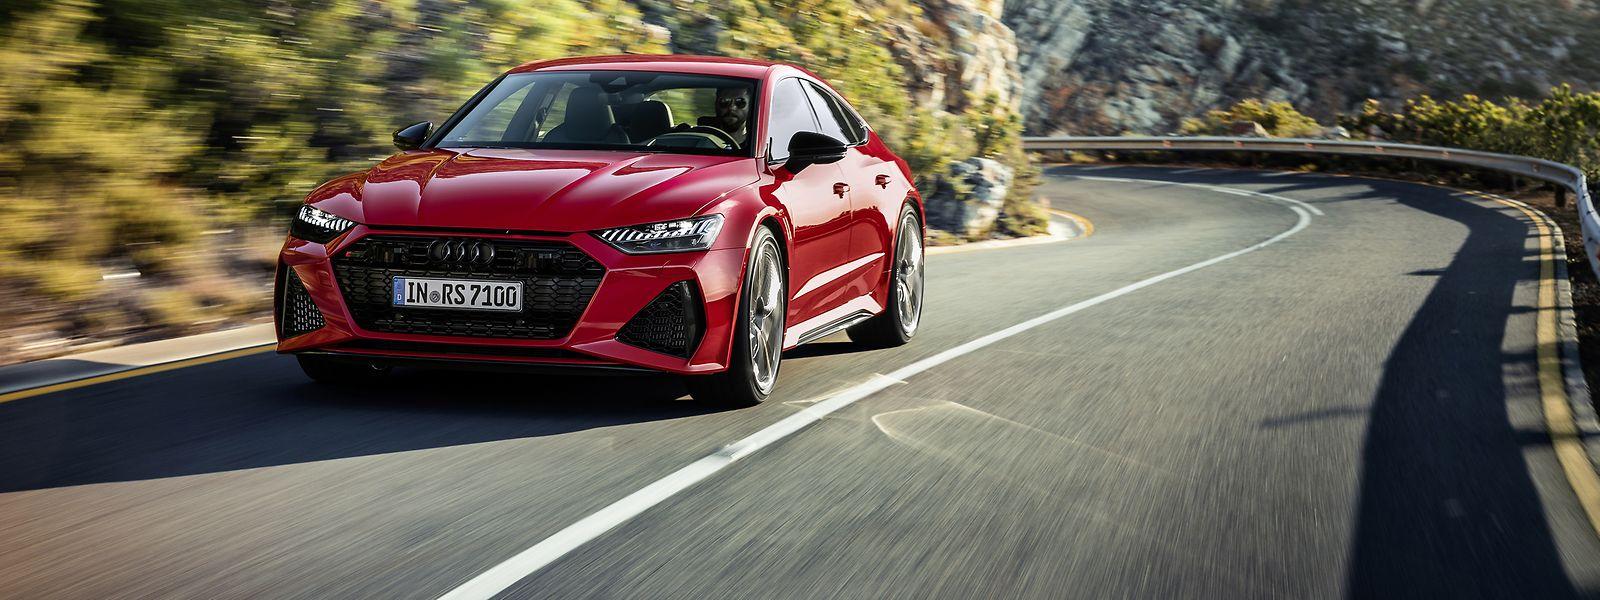 Der E-Motor im Audi RS 7 soll beim Anfahren und Beschleunigen helfen.